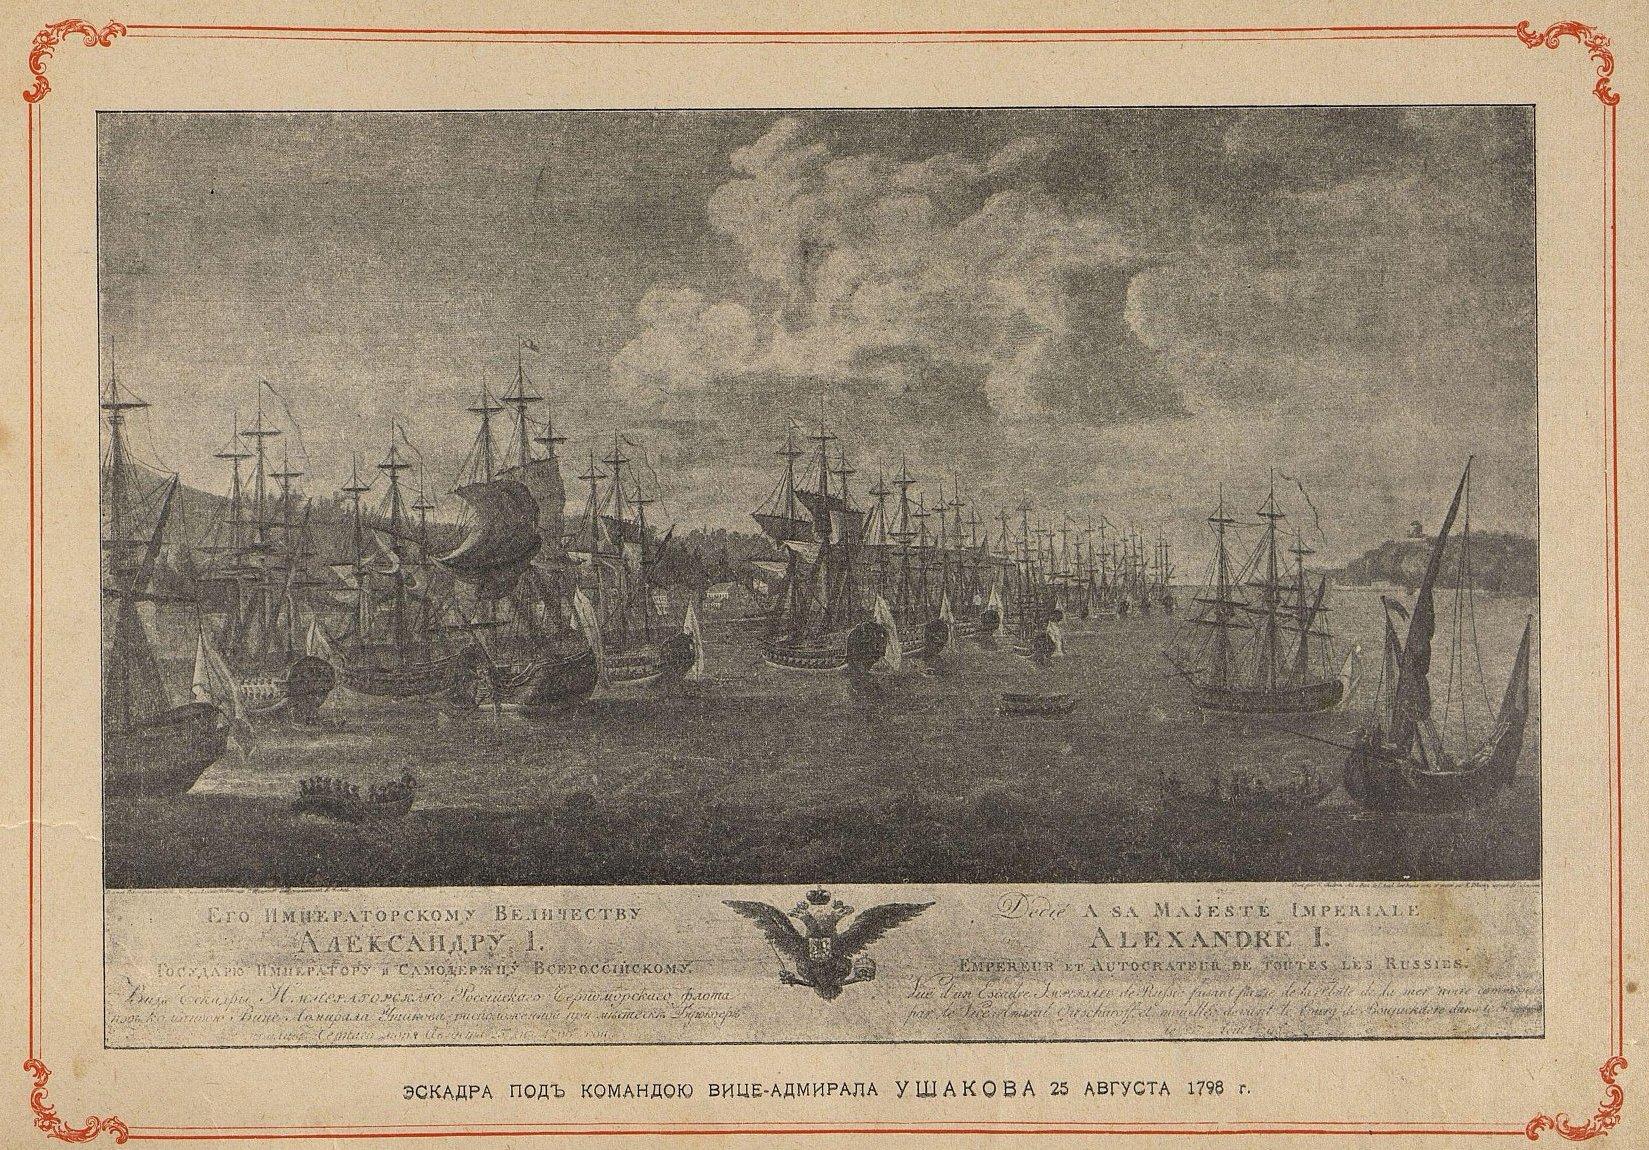 Эскадра под командою вице-адмирала Ушакова 25 августа 1798 г.